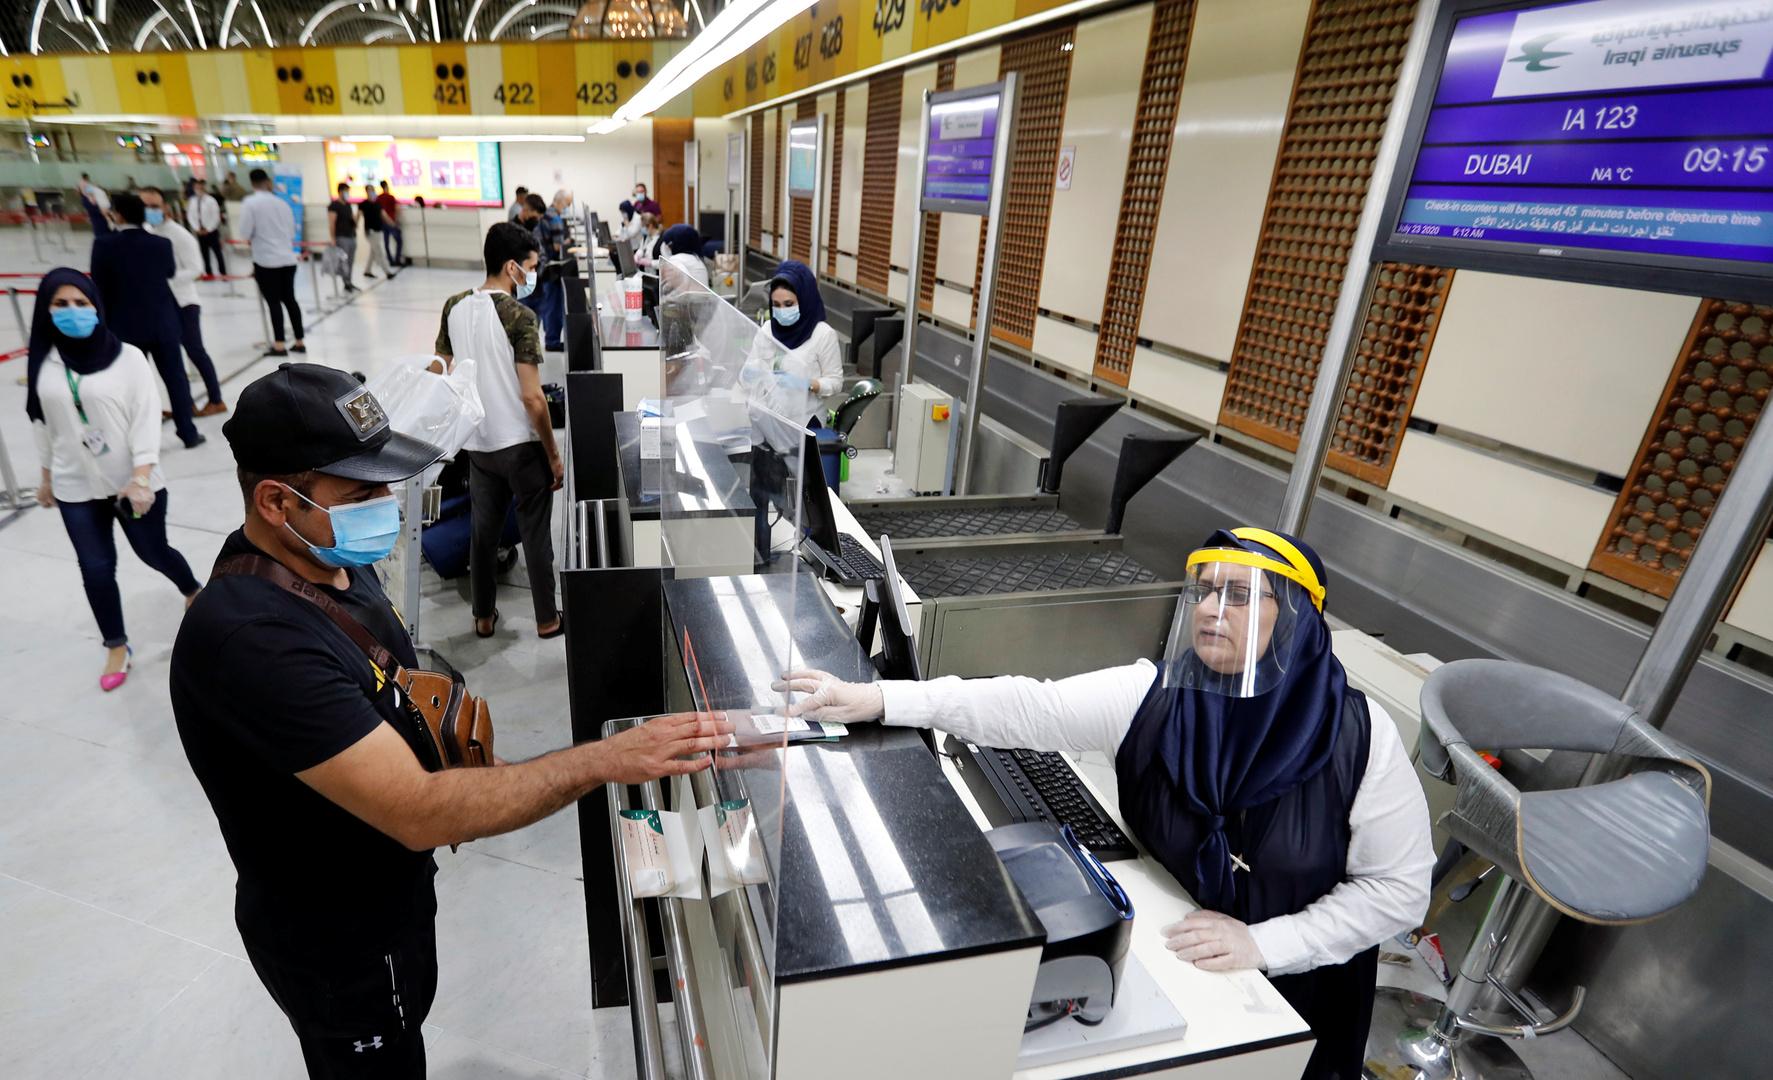 العراق يعلن عن عودة الرحلات الجوية إلى ألمانيا والدنمارك